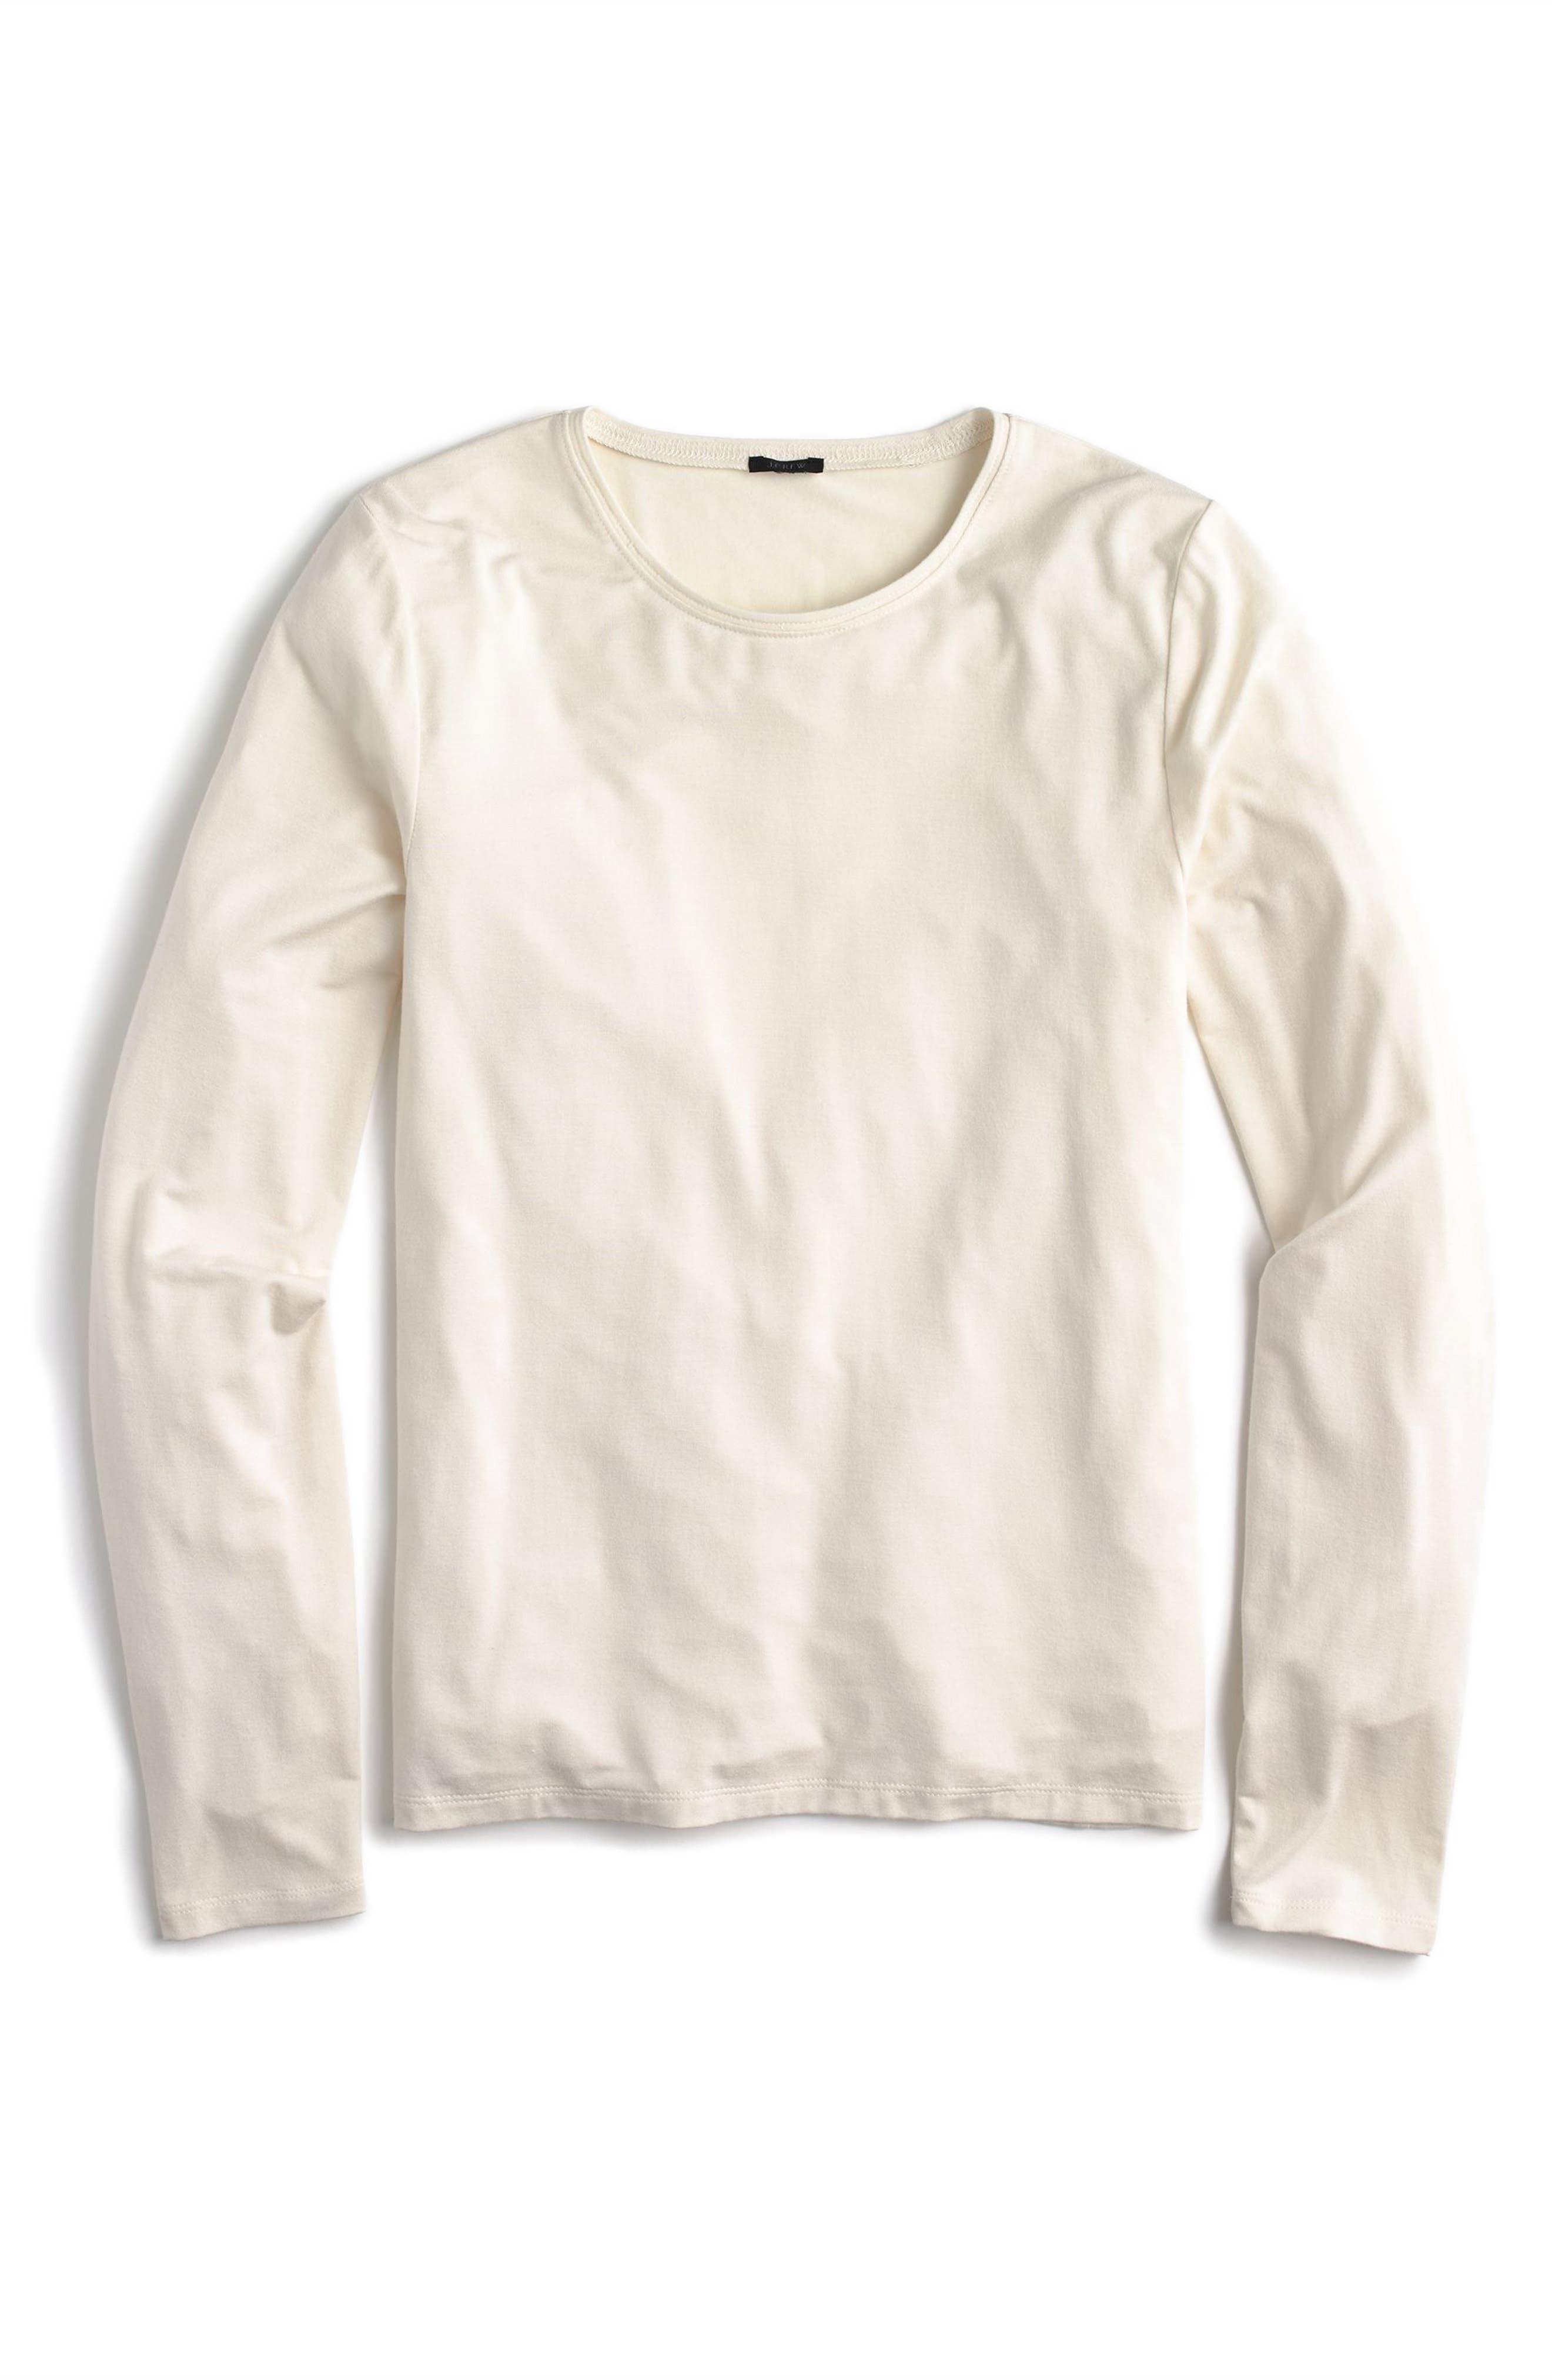 J.Crew Long Sleeve Tee,                             Main thumbnail 1, color,                             Fresh Linen